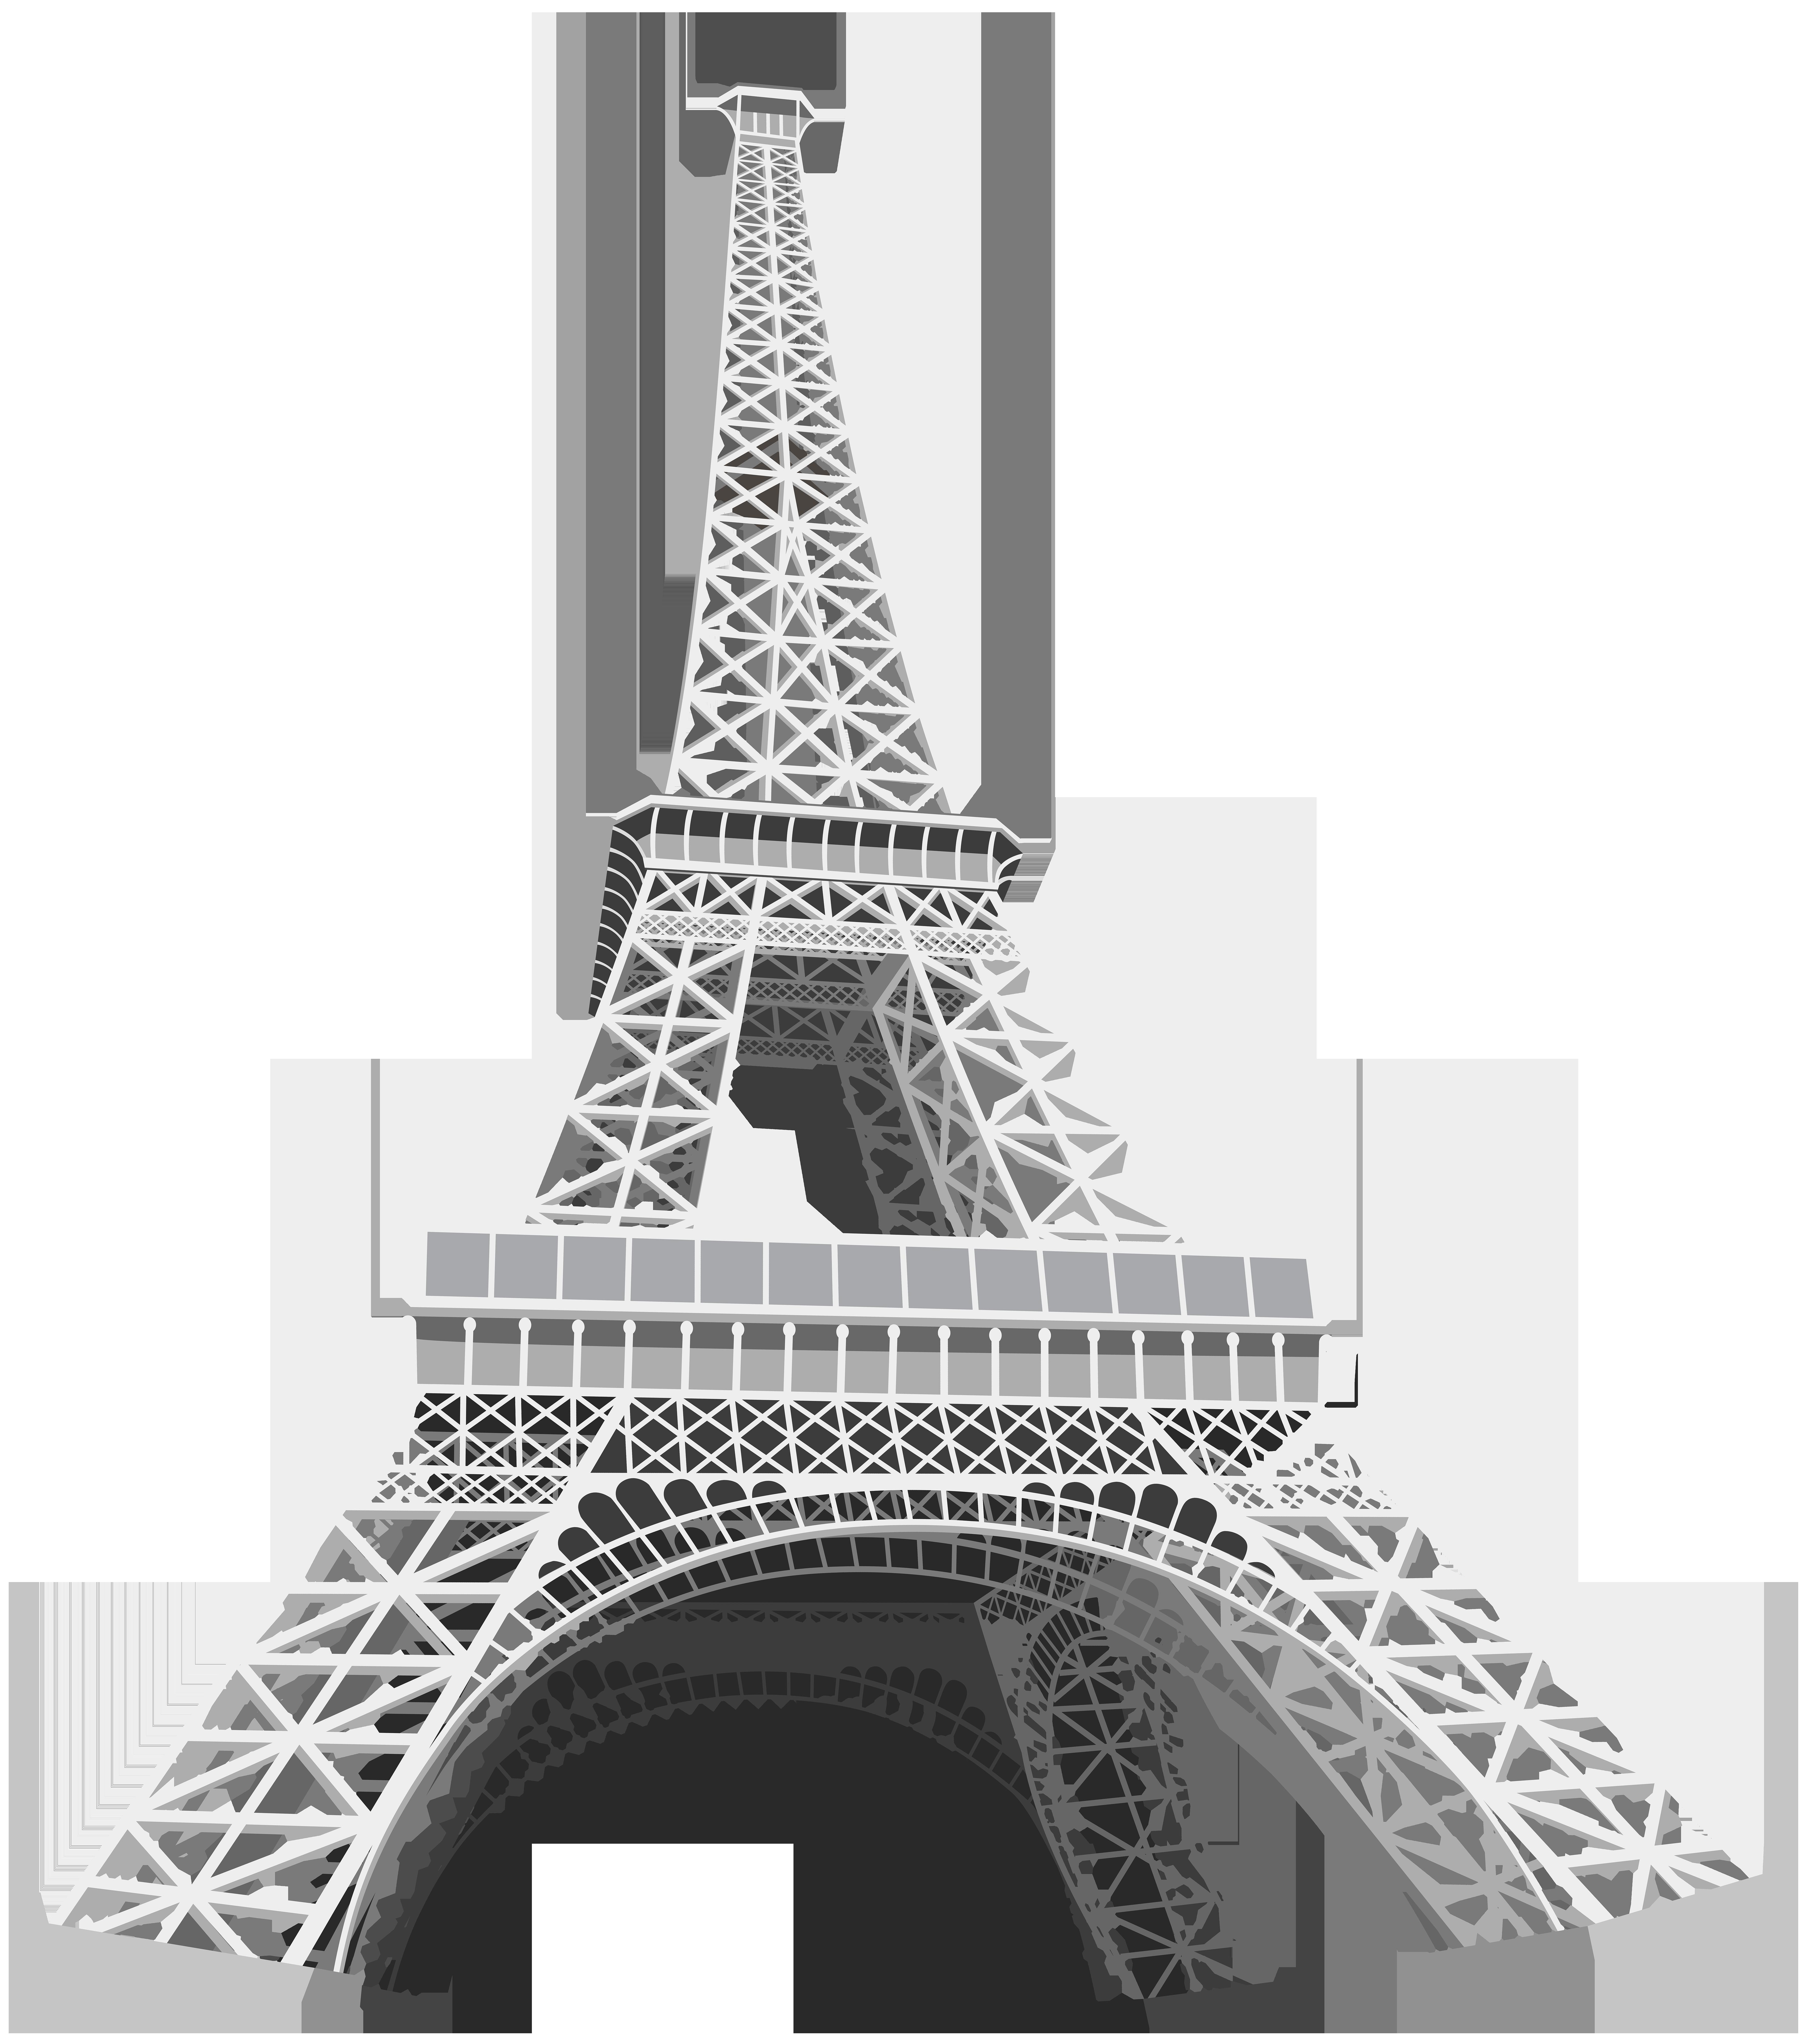 Transparent eiffel tower clipart clip black and white download Eiffel Tower Transparent Clip Art Image | Gallery ... clip black and white download